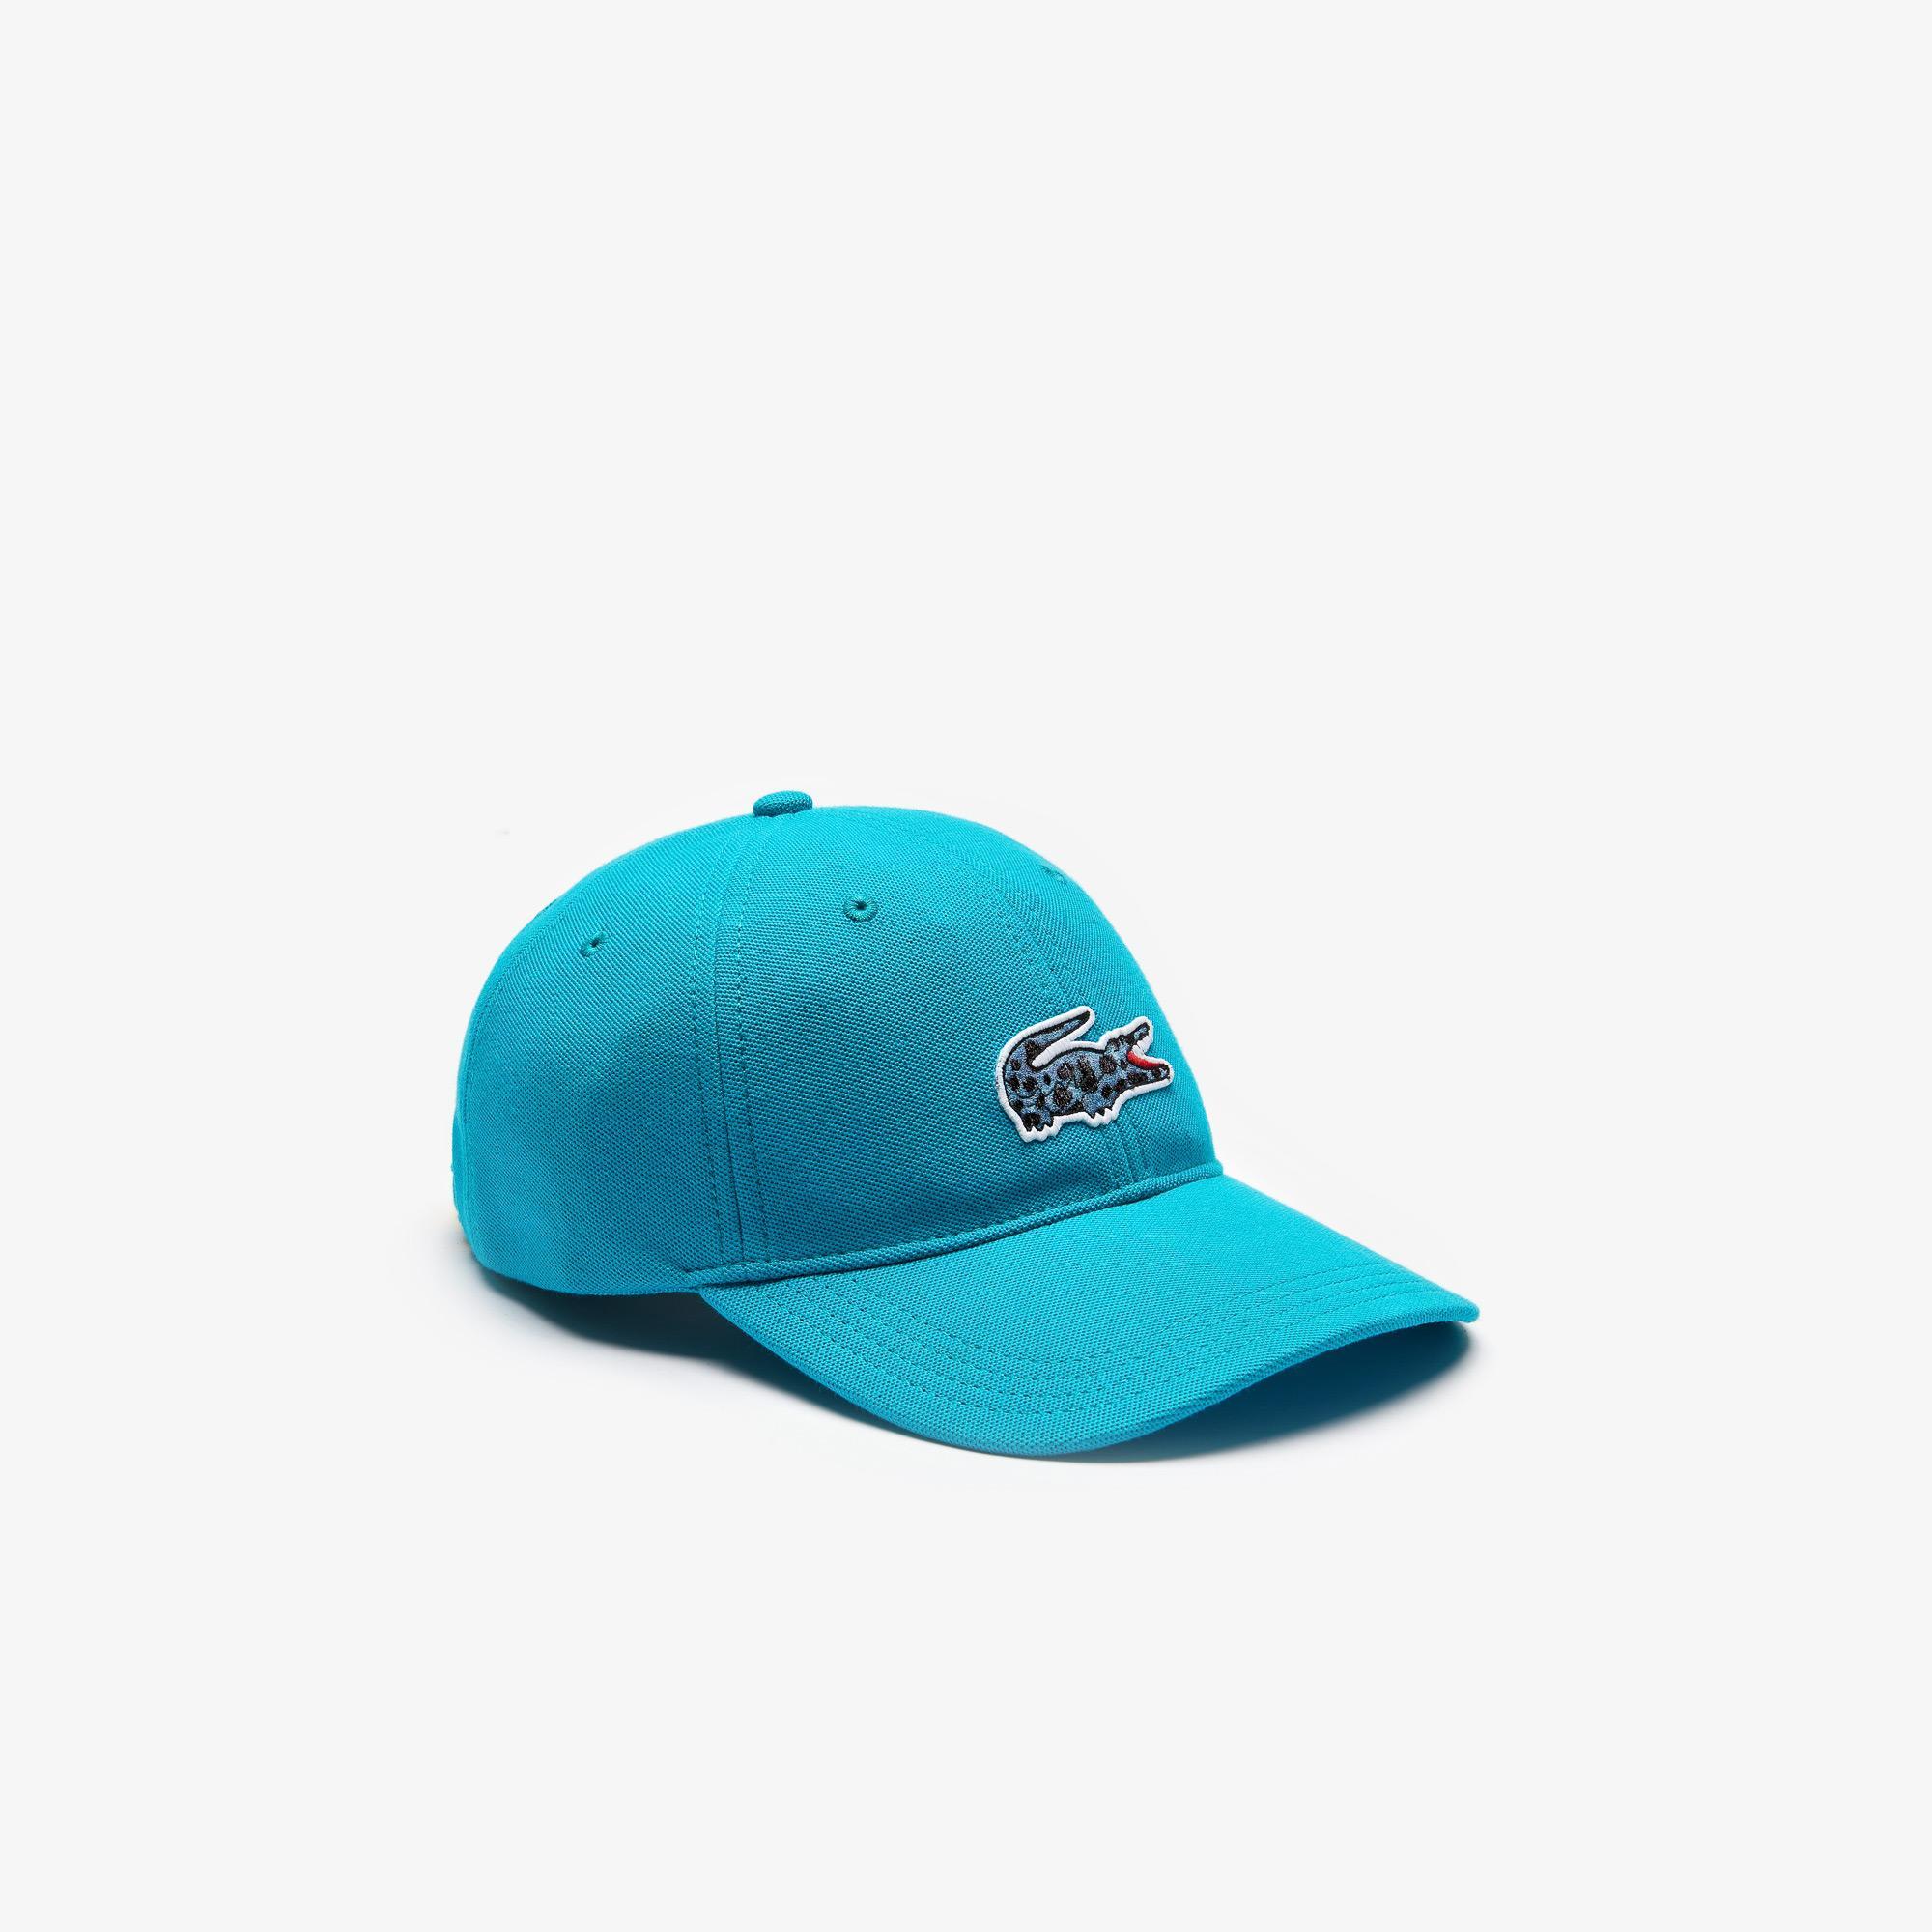 Lacoste x National Geographic Unisex Mavi Şapka